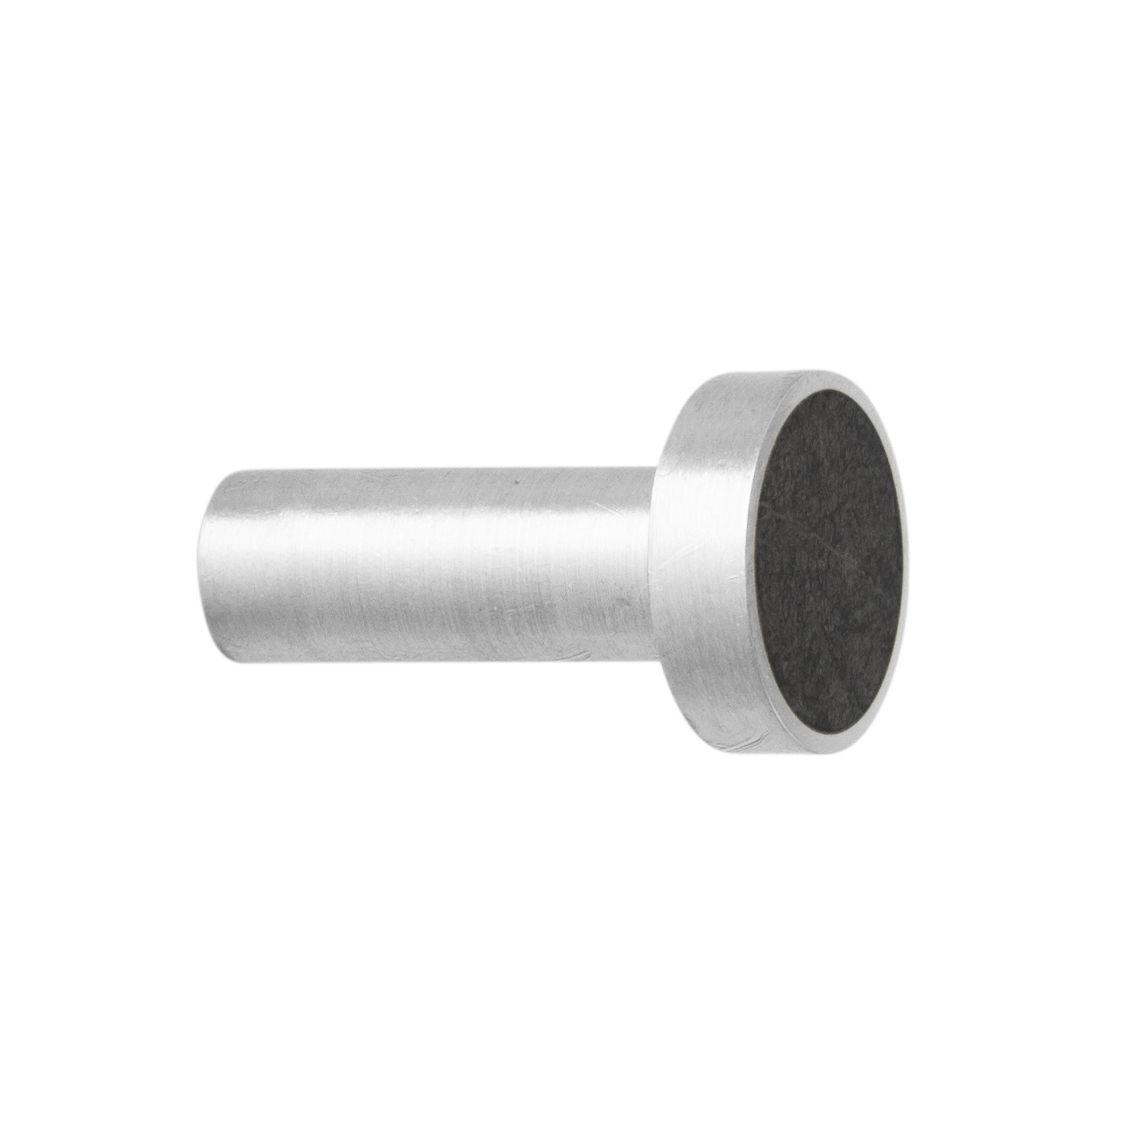 Furniture - Coat Racks & Pegs - Marbre Small Hook - / Handle - Ø 2 cm by Ferm Living - Black marble / Steel - Marble, Stainless steel